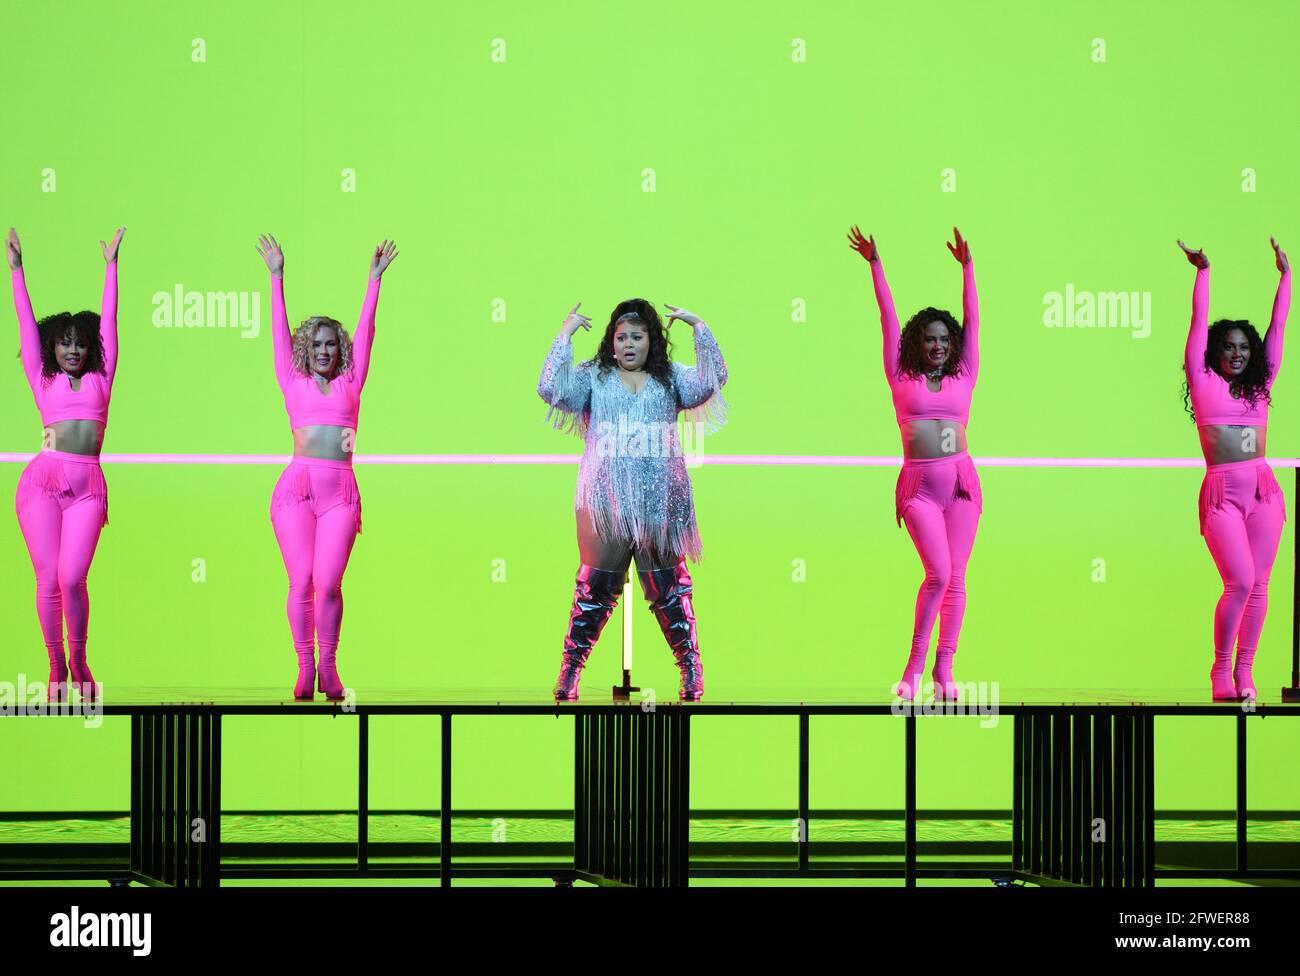 Rotterdam, Paesi Bassi. 21 Maggio 2021. Il cantante 'Destiny' (Malta) esegue la canzone 'JE me casse' alla finale della giuria dell'Eurovisione Song Contest (ESC) presso la Ahoy Arena. Credit: Soeren Stache/dpa-Zentralbild/dpa/Alamy Live News Foto Stock